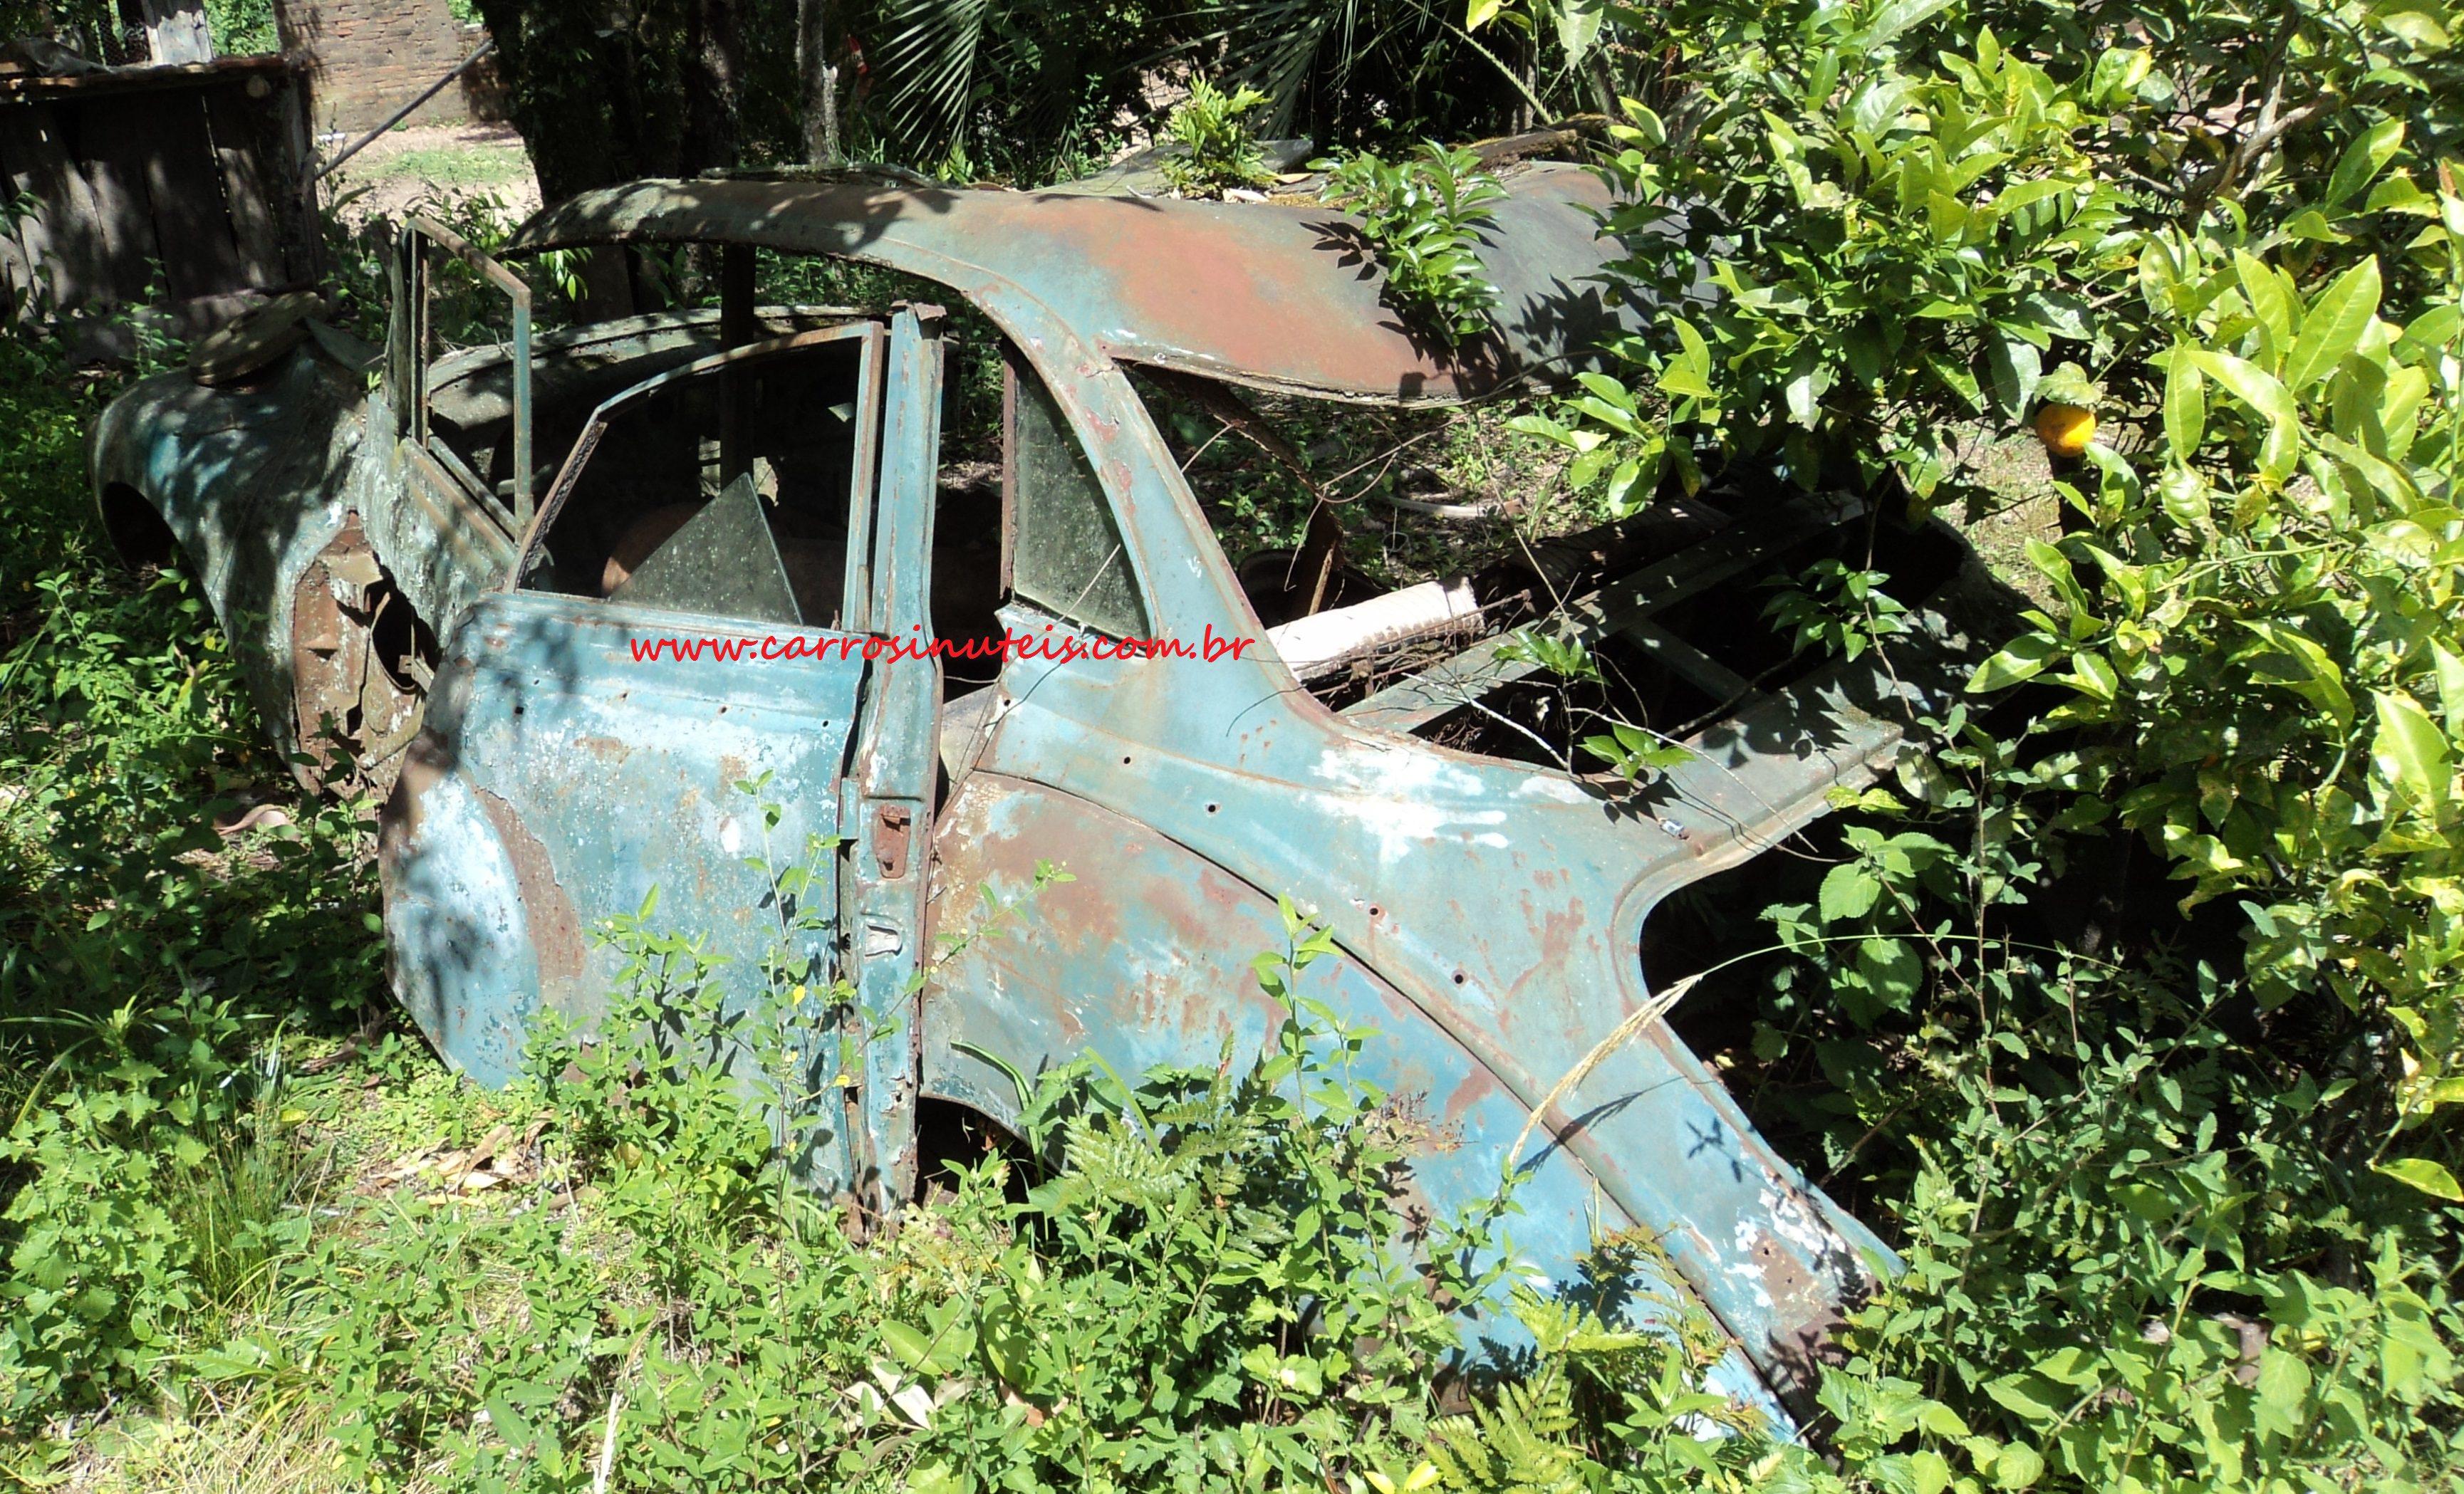 Vergara-DKW-Pelotas DKW BelCar, foto feita em Pelotas, RS, por Vergara